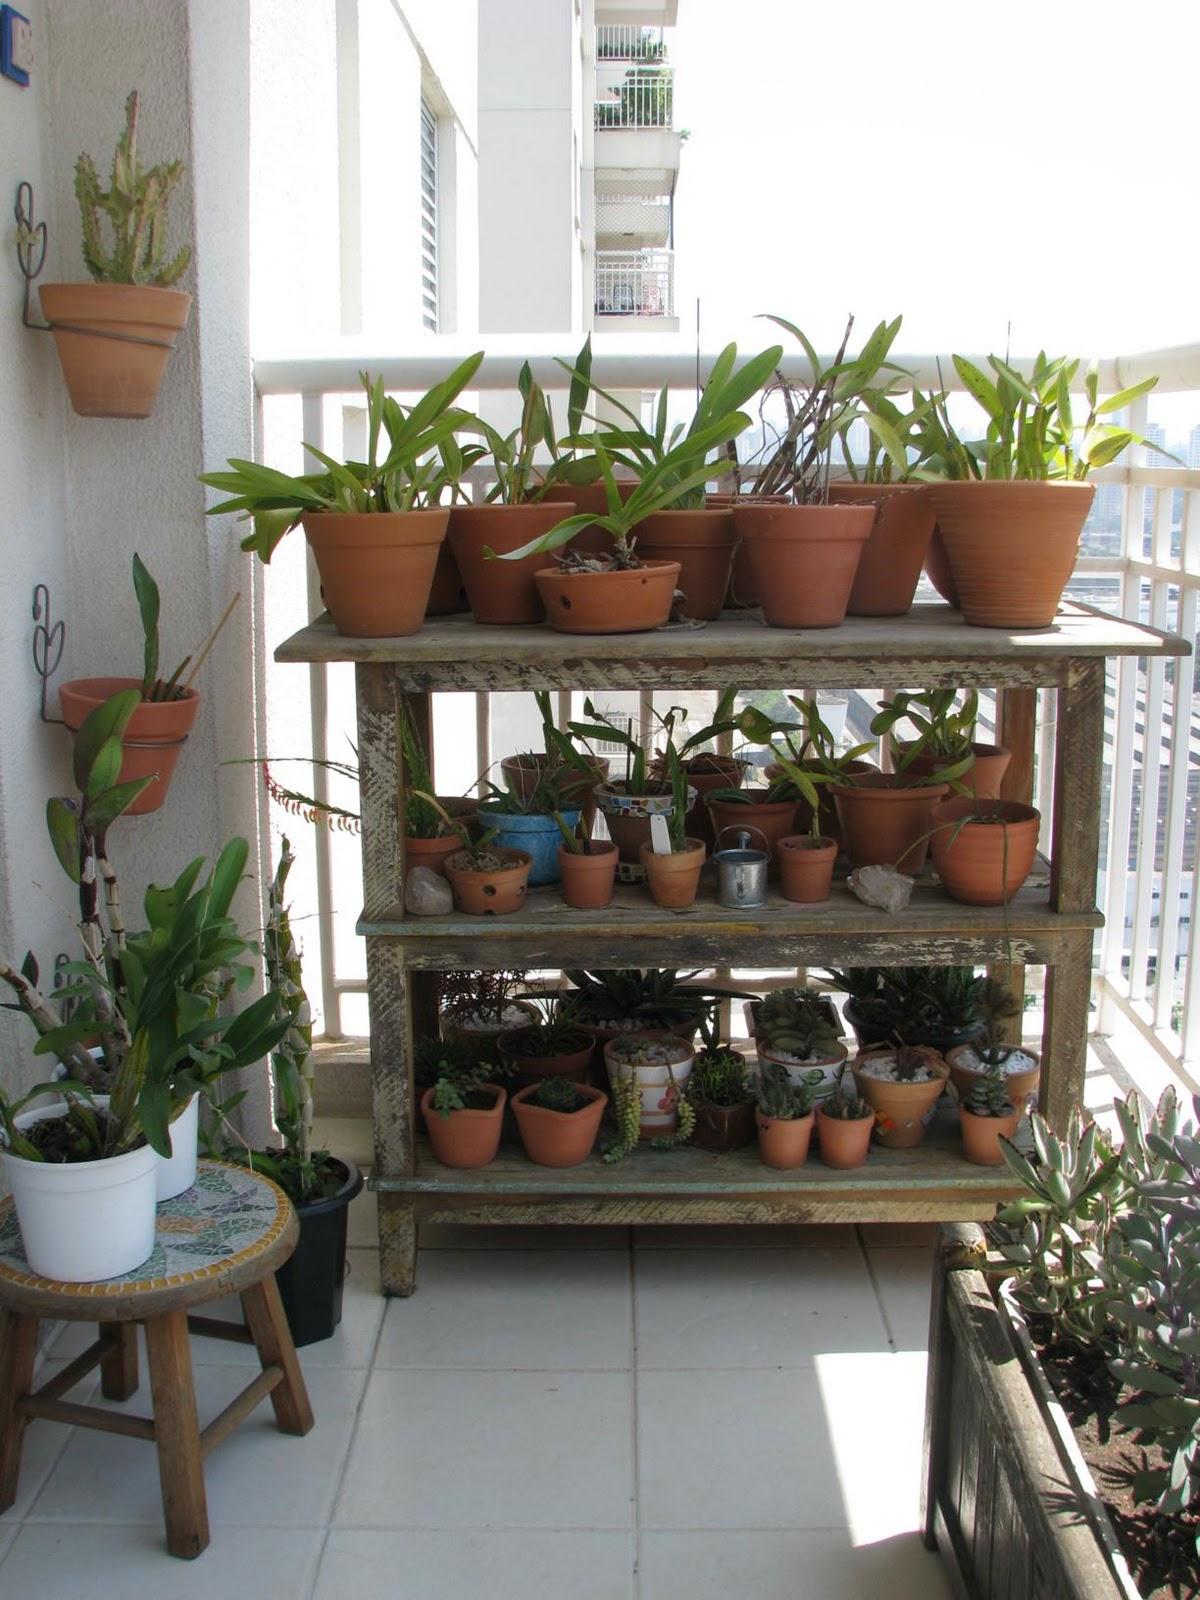 Verde jardim minha varanda meu jardim for Estantes para plantas exteriores